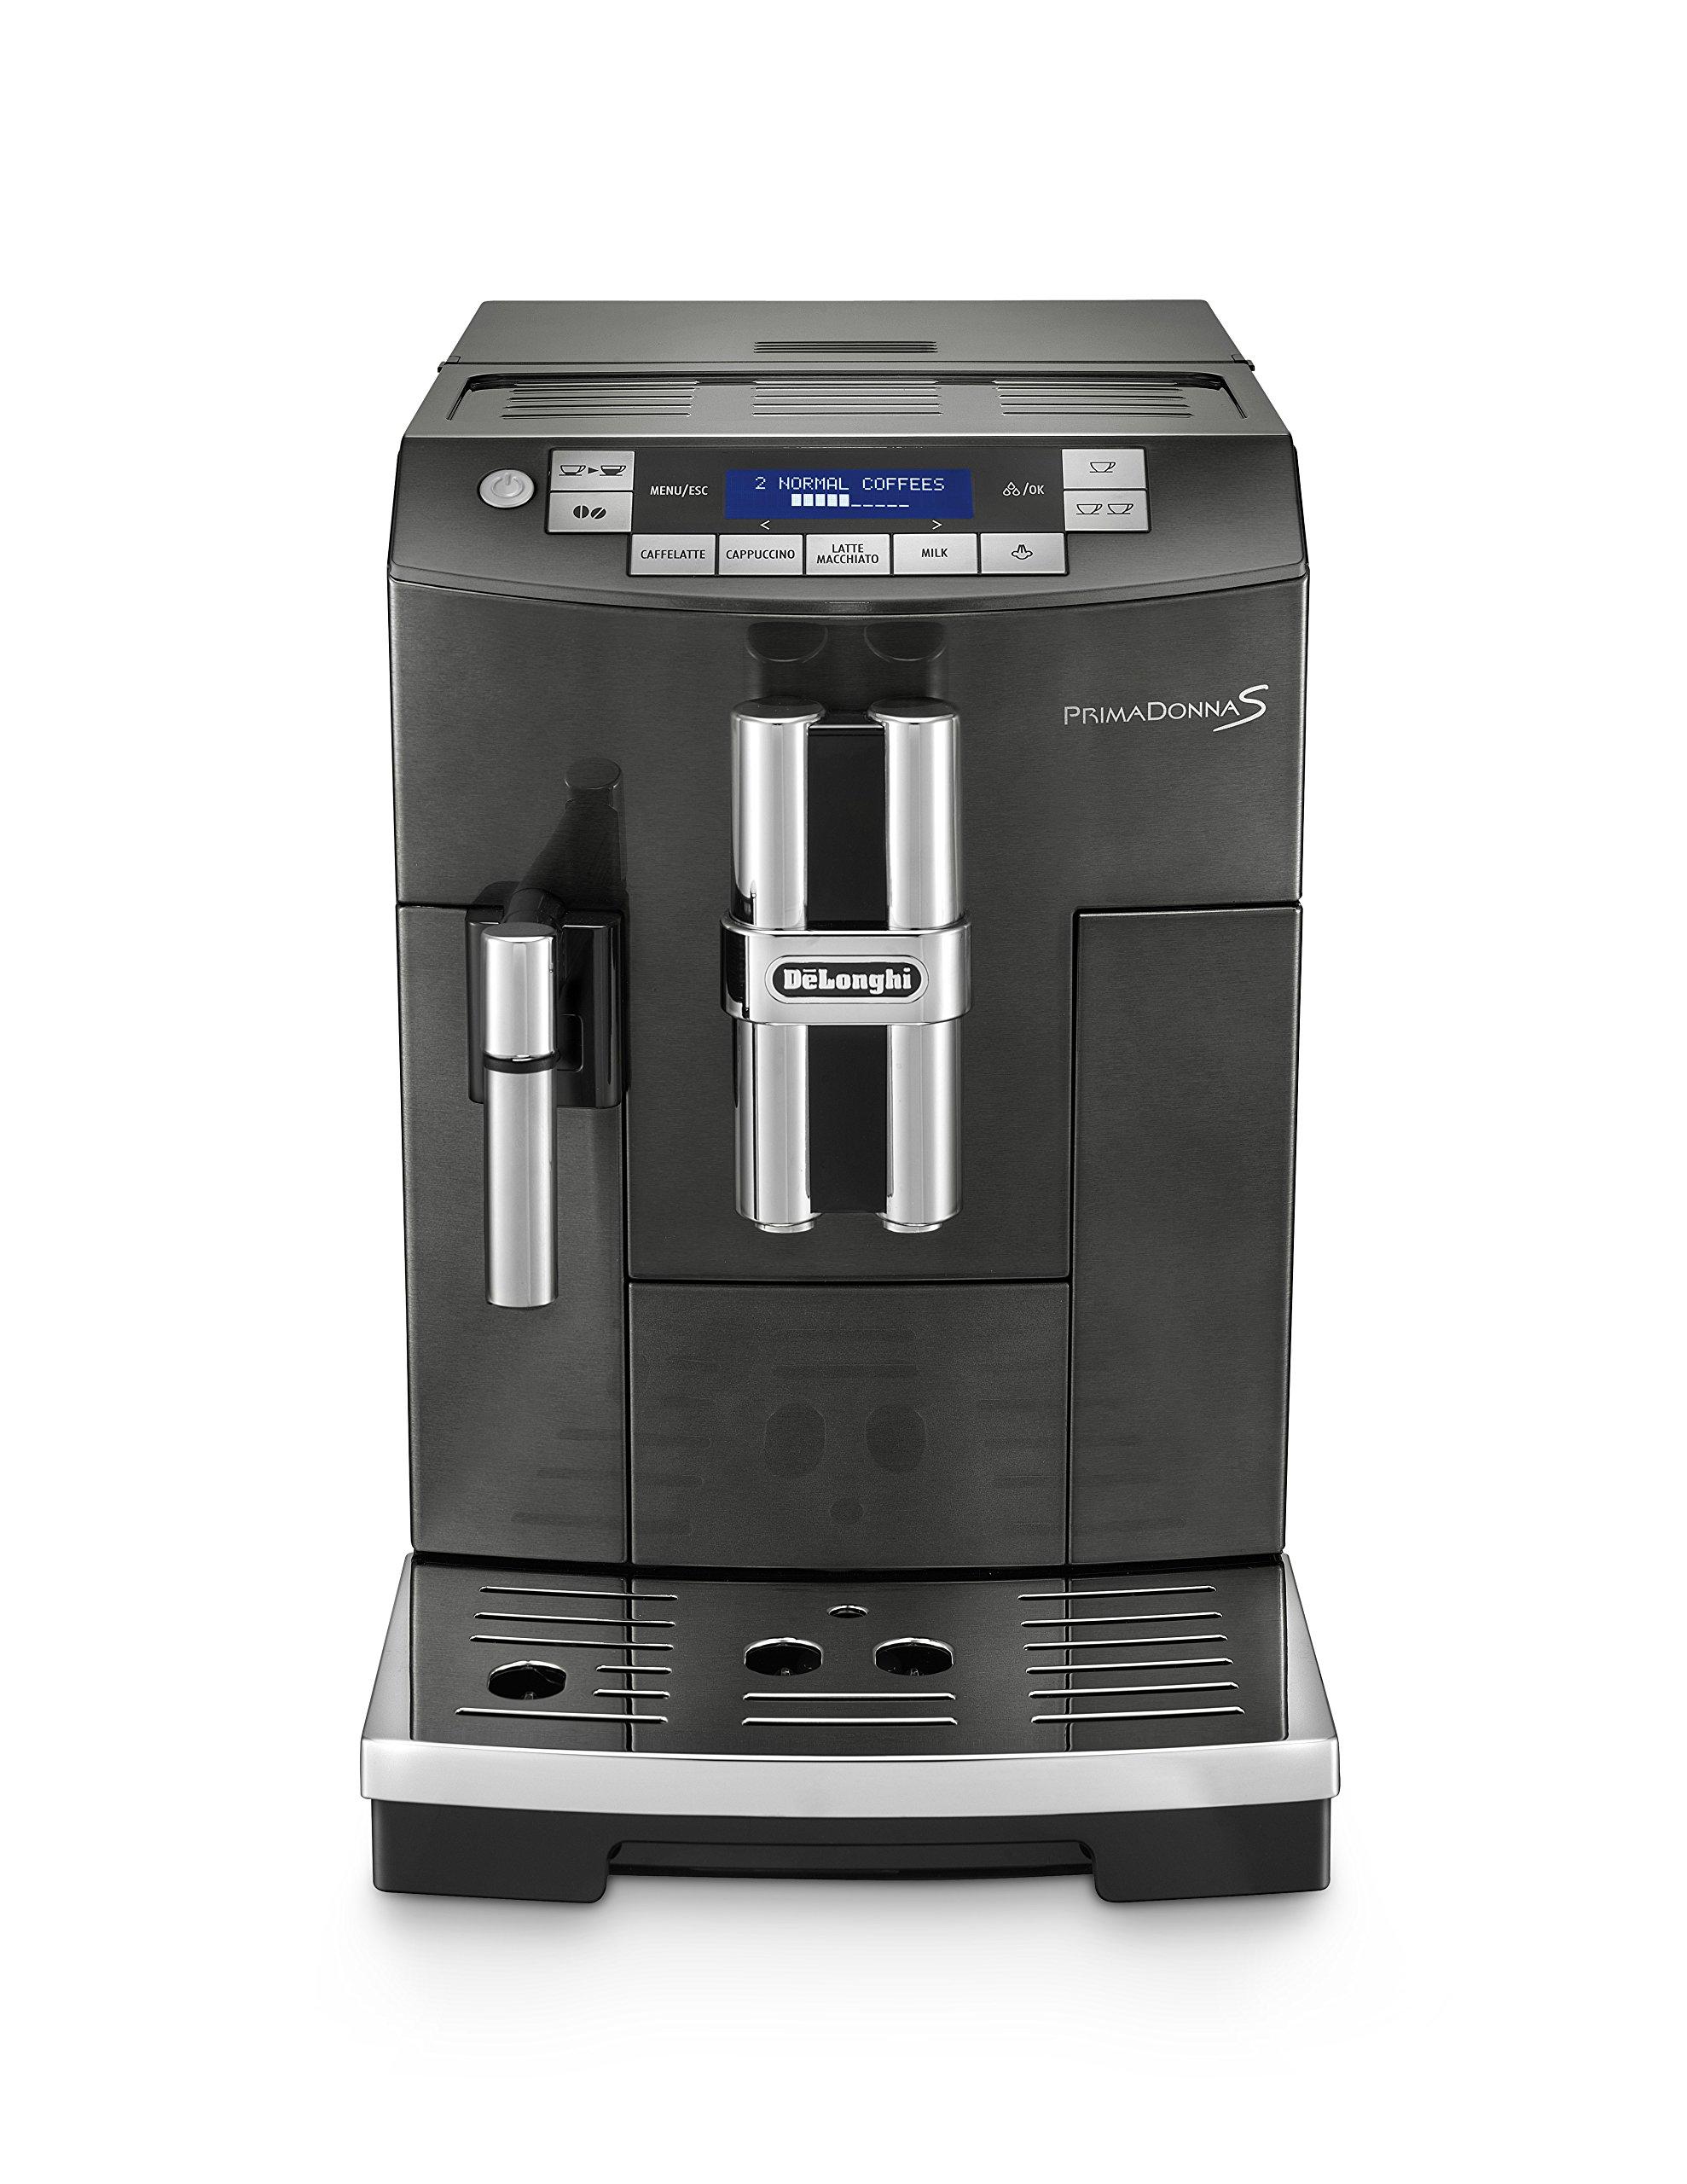 DeLonghi America ECAM28465B Prima Donna Fully Automatic Espresso Machine with Lattecrema System, Black